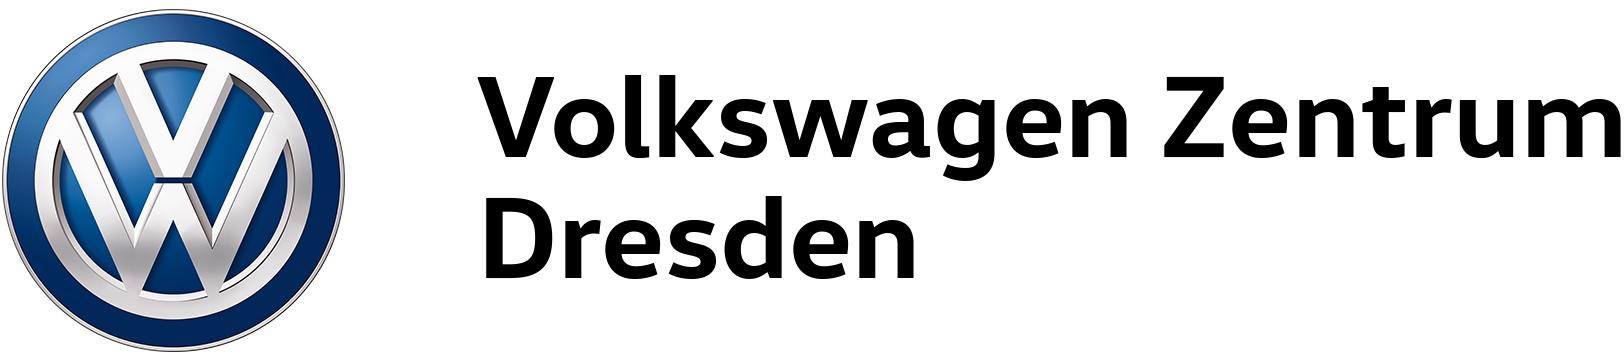 Volkswagen Zentrum Dresden GmbH und Co. KG